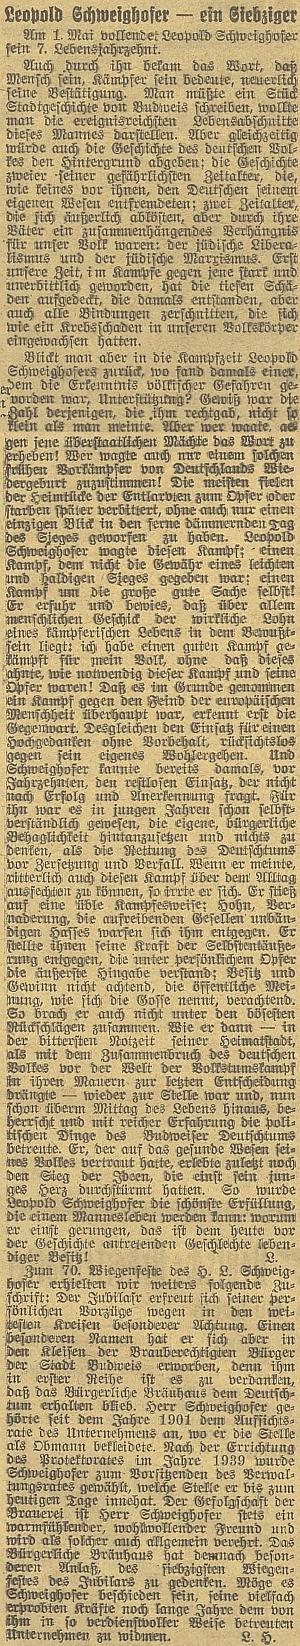 Článek k jeho sedmdesátinám v budějovickém německém listu